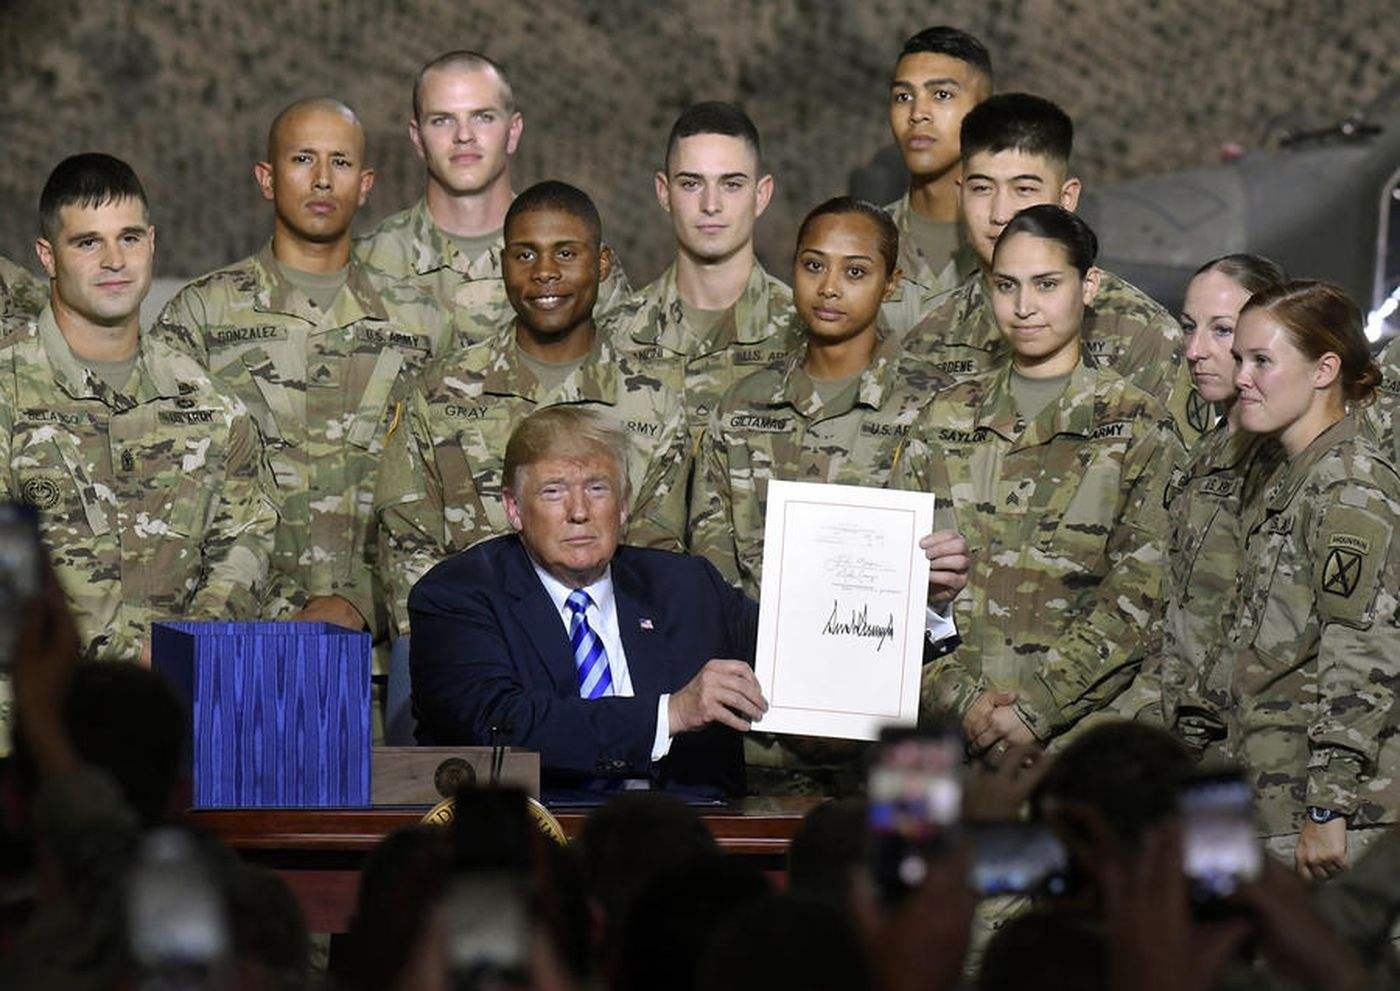 【快猫网址千牛帮】_前所未有公开攻击!特朗普批美军高层:只想打仗让军火商开心